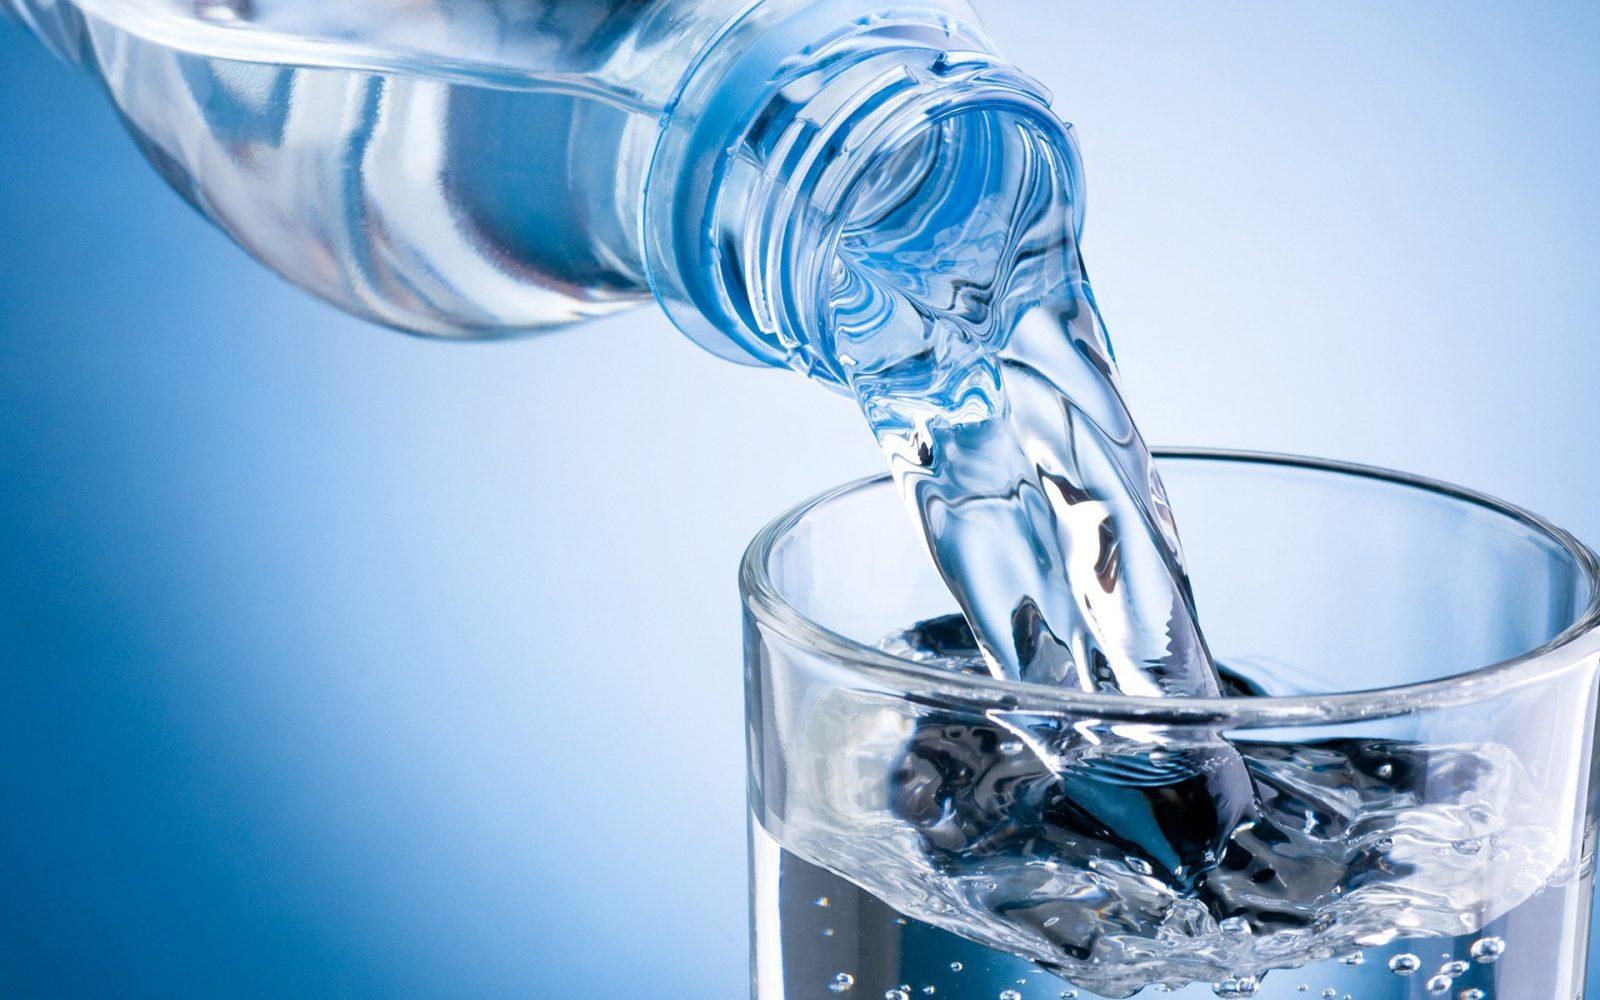 Минеральная вода наливается в прозрачный стакан